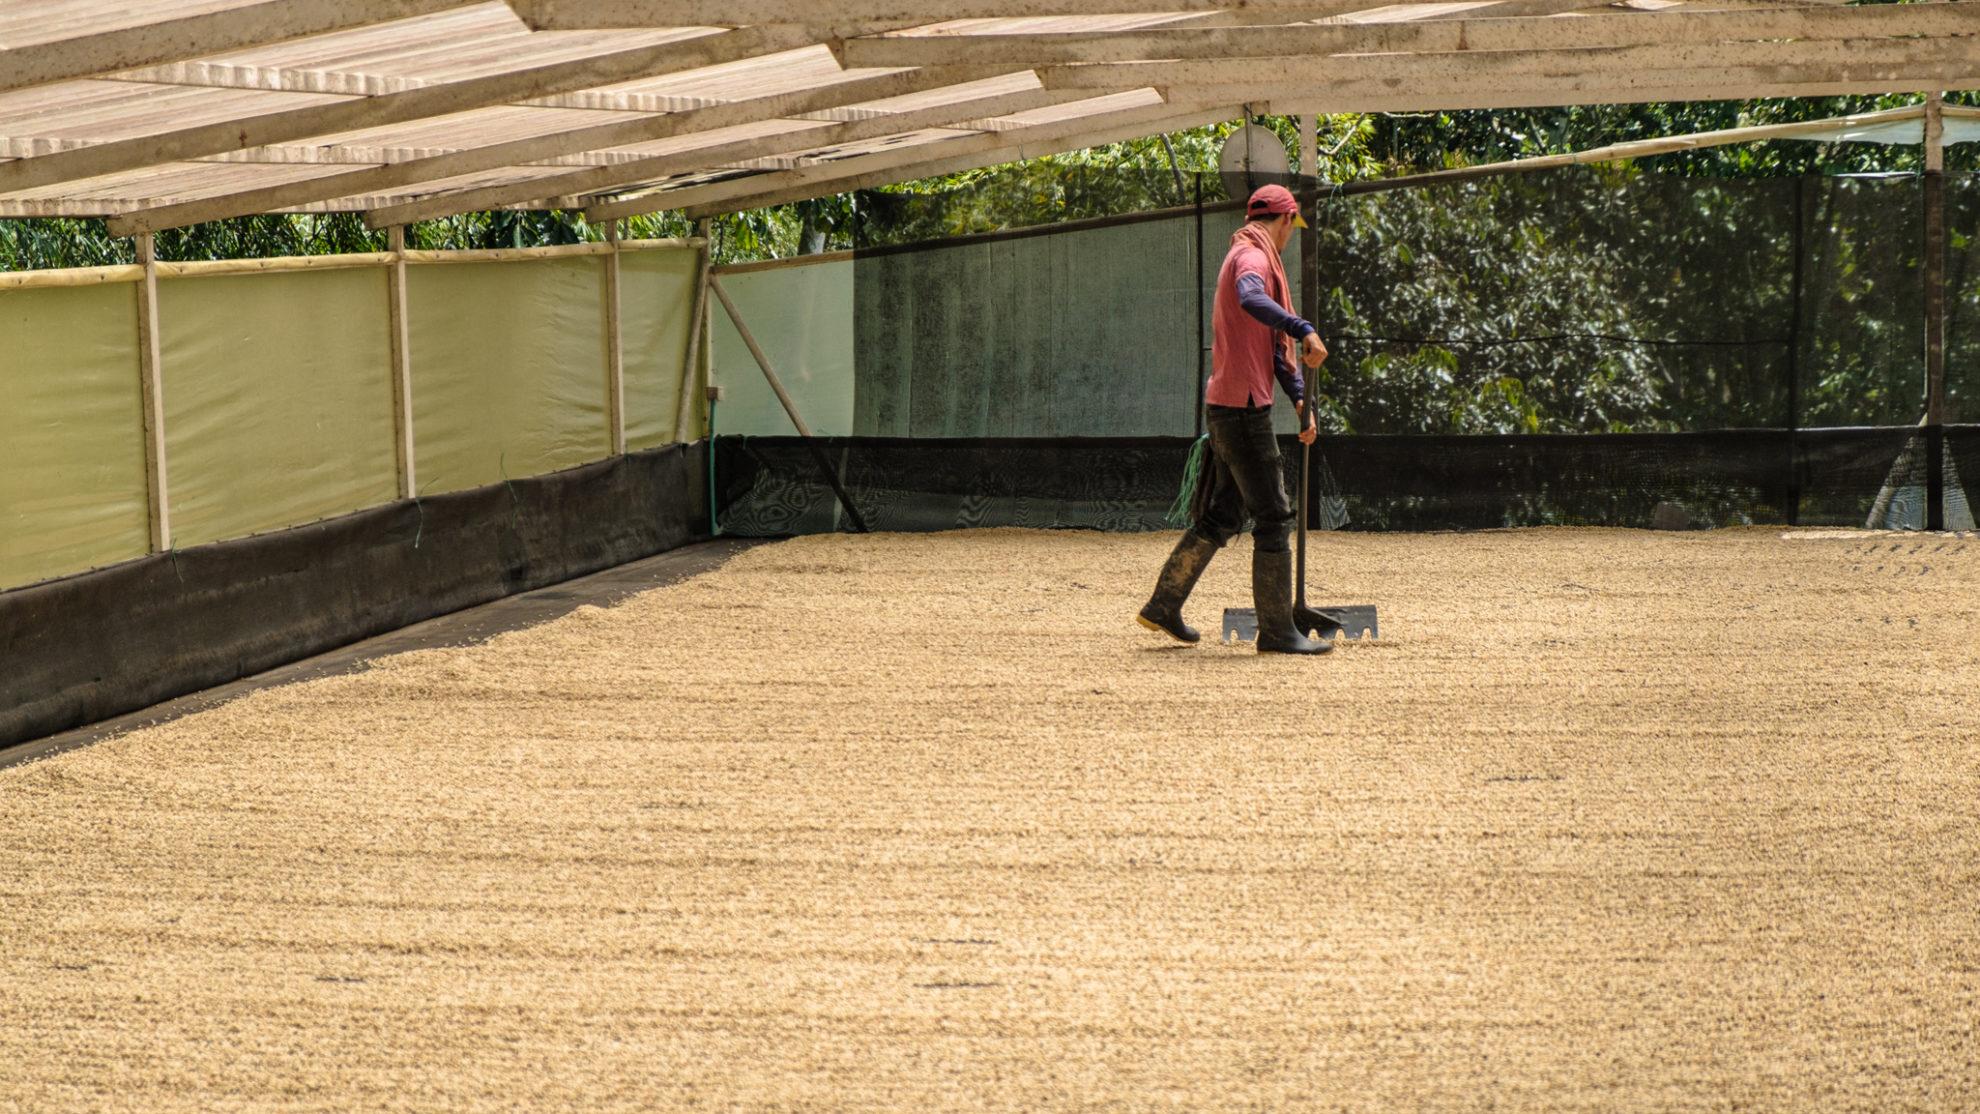 Ein Arbeiter wendet mit einem Wender den trocknenden gelben Rohkaffee